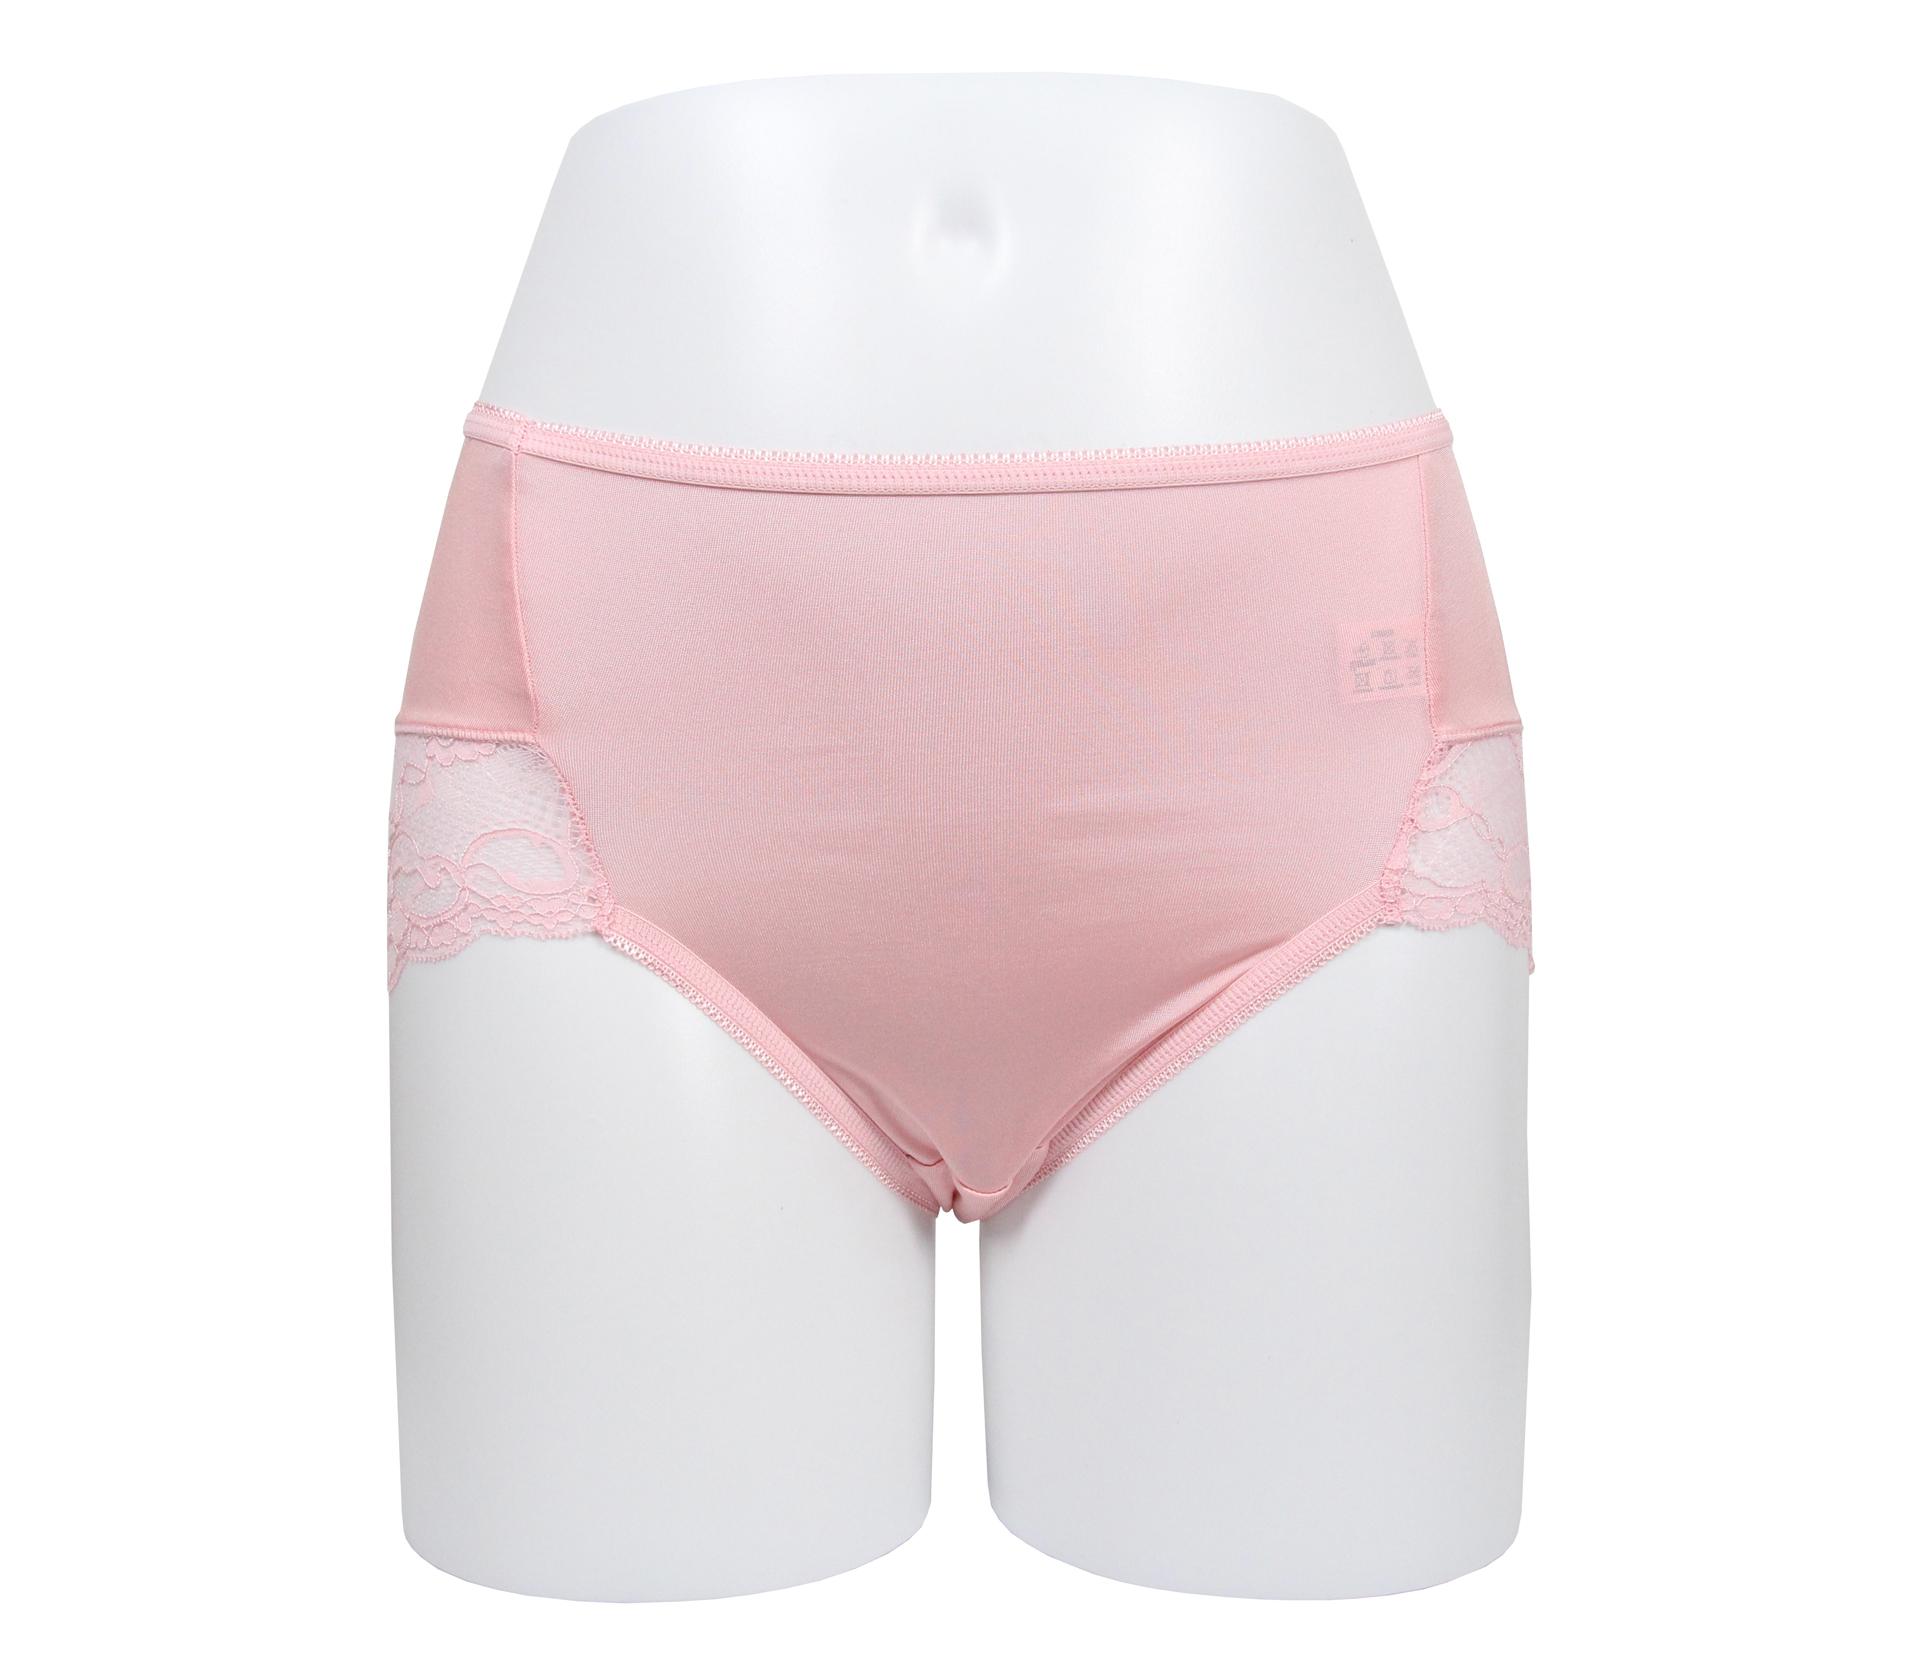 闕蘭絹典雅蕾絲100%蠶絲內褲 - 88910 (粉)